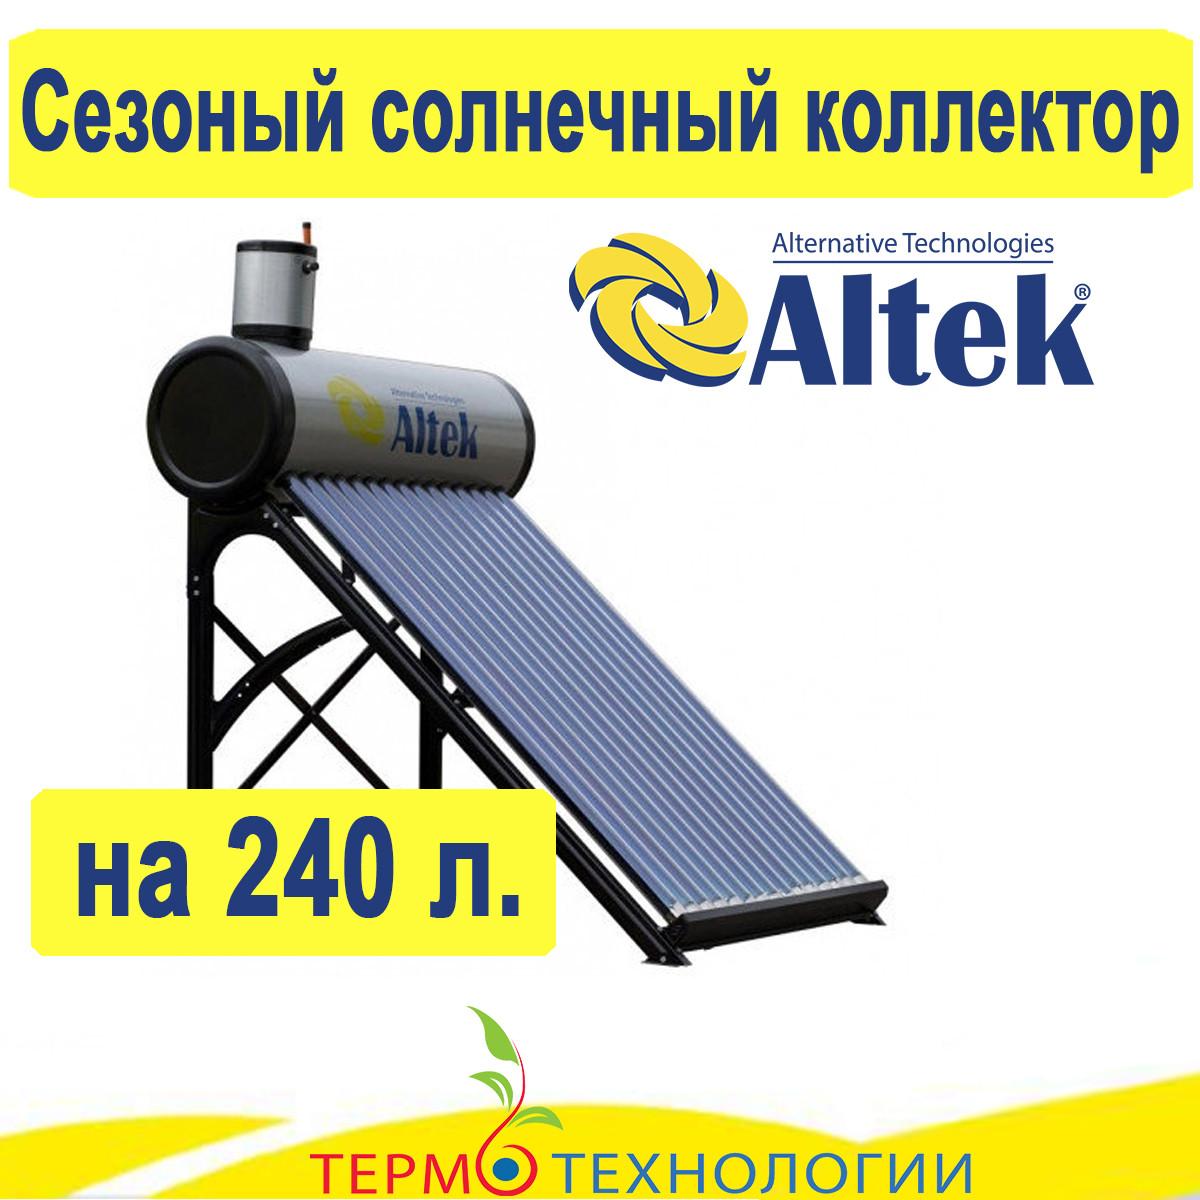 Гелиосистема Аltek 240 литров. Безнапорная термосифонная, на 4-5 человек.